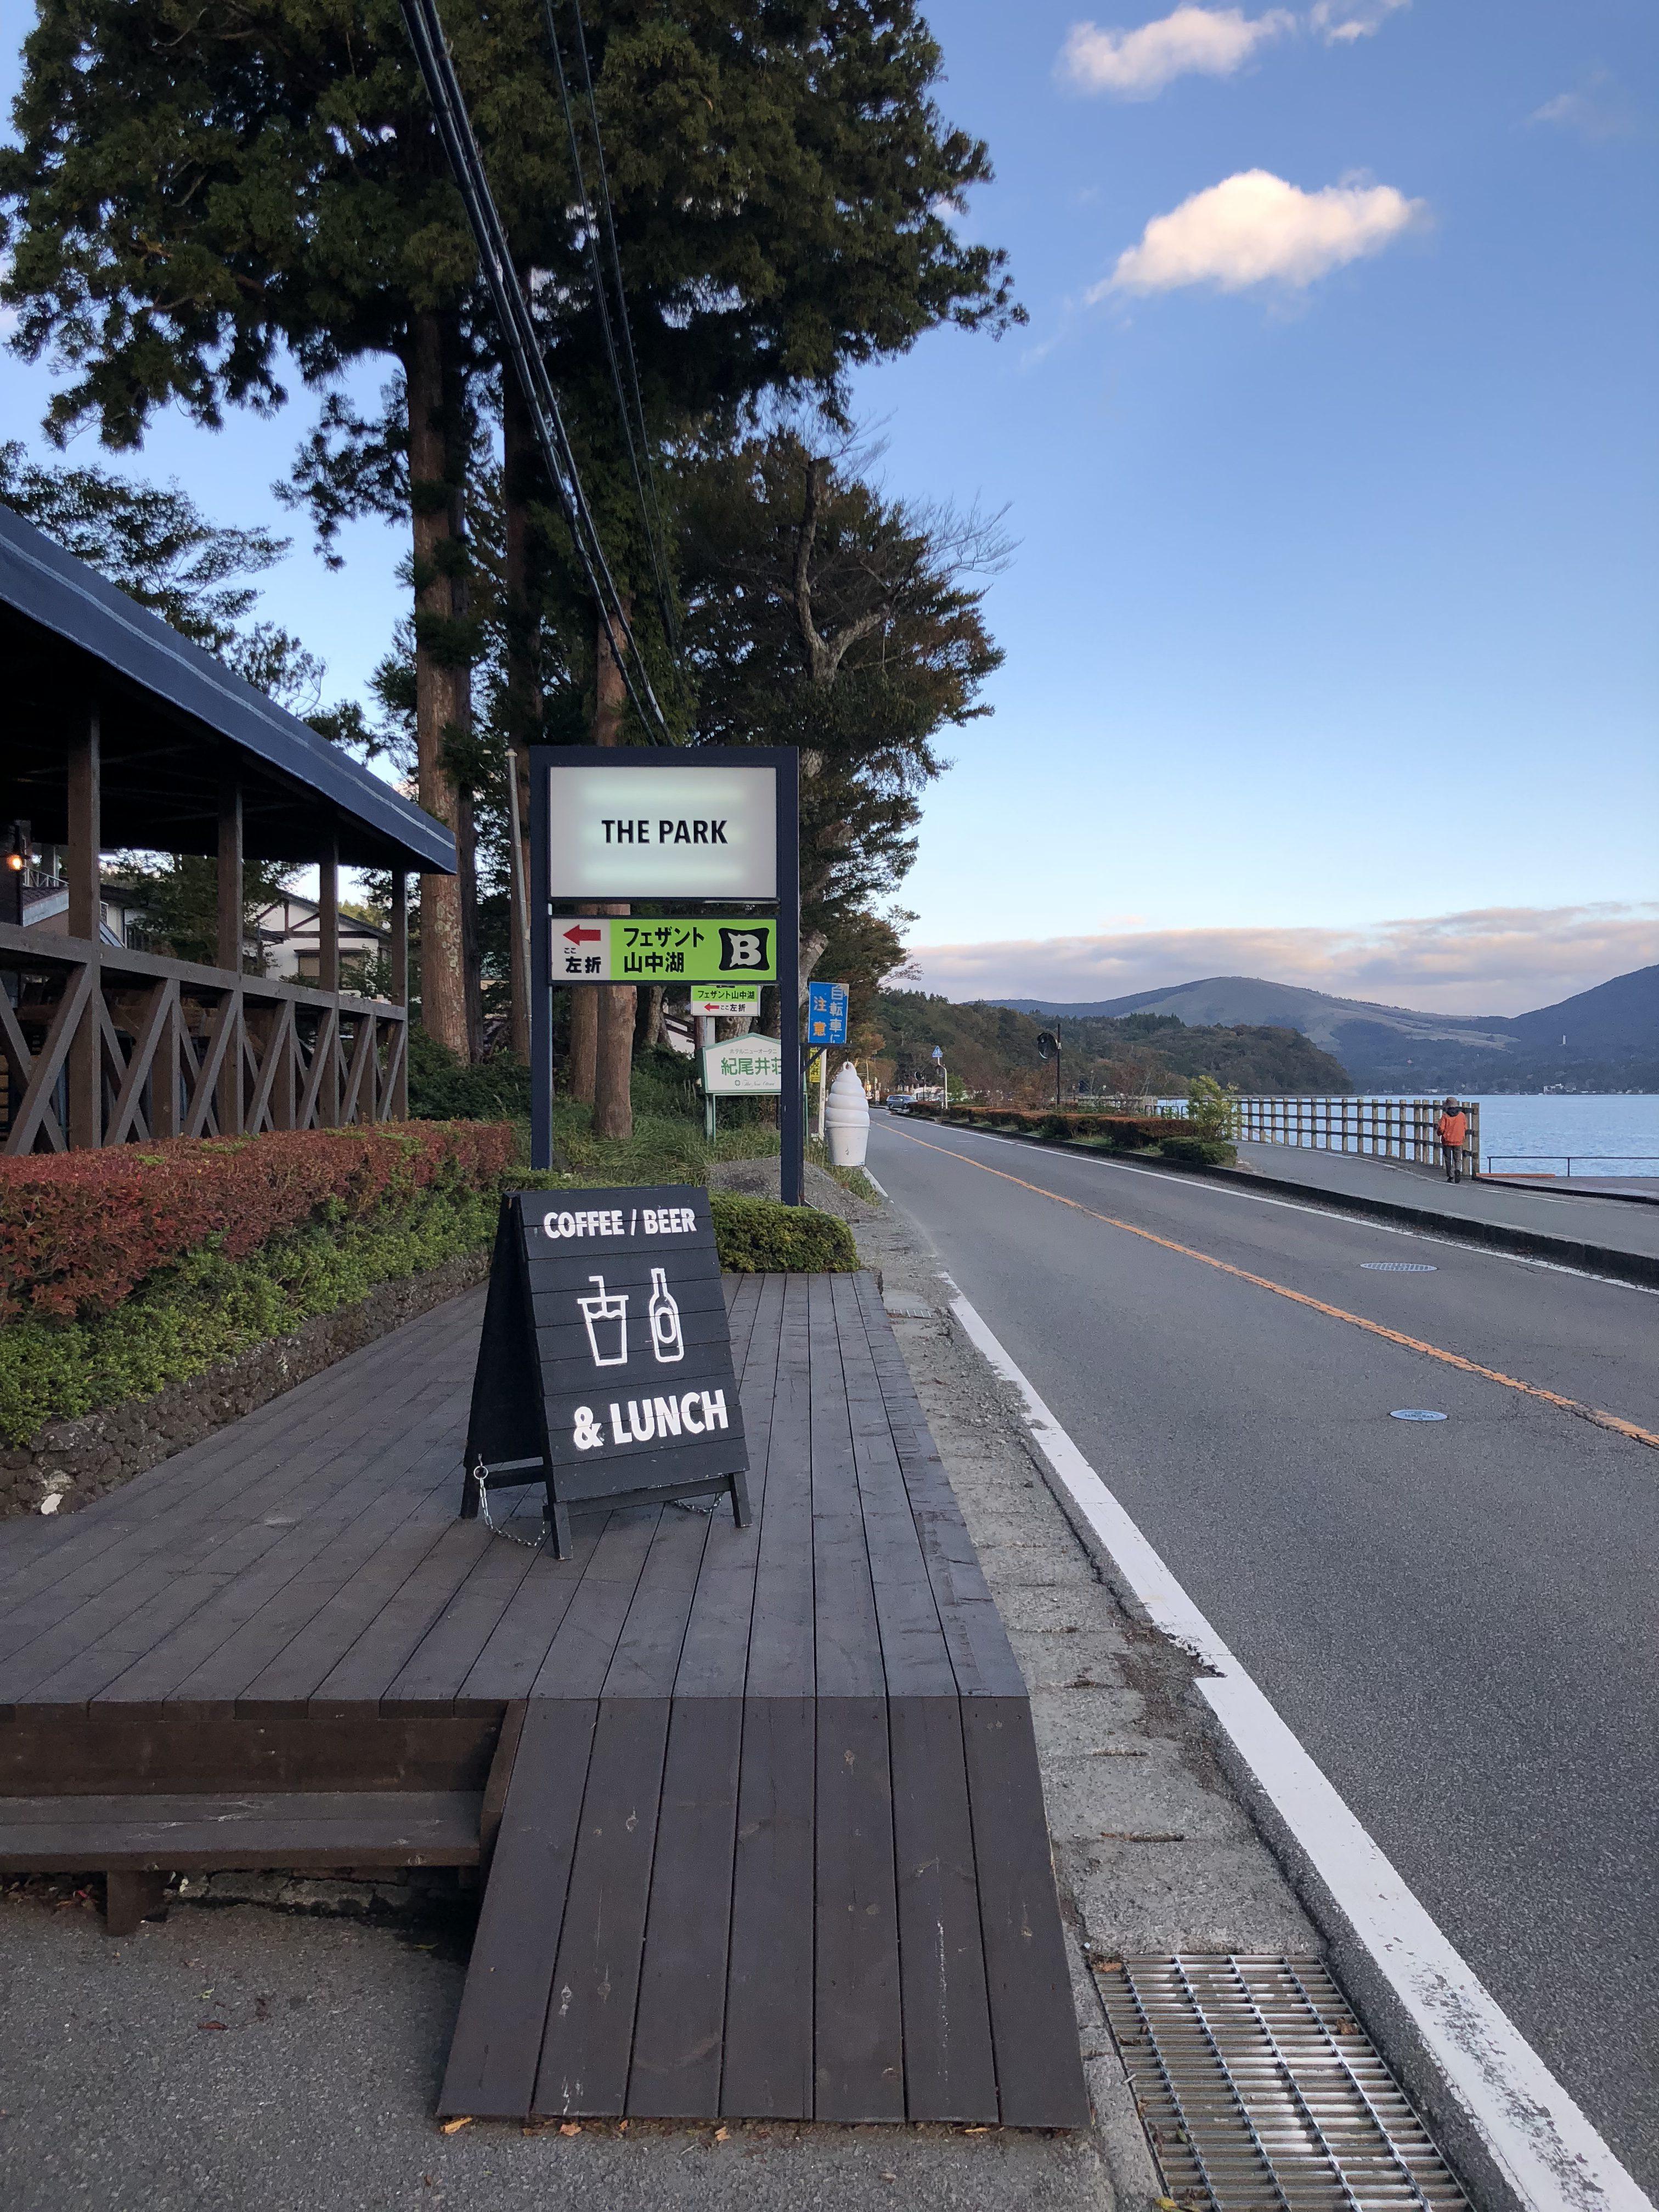 THE PARK 山中湖のコーヒースタンド